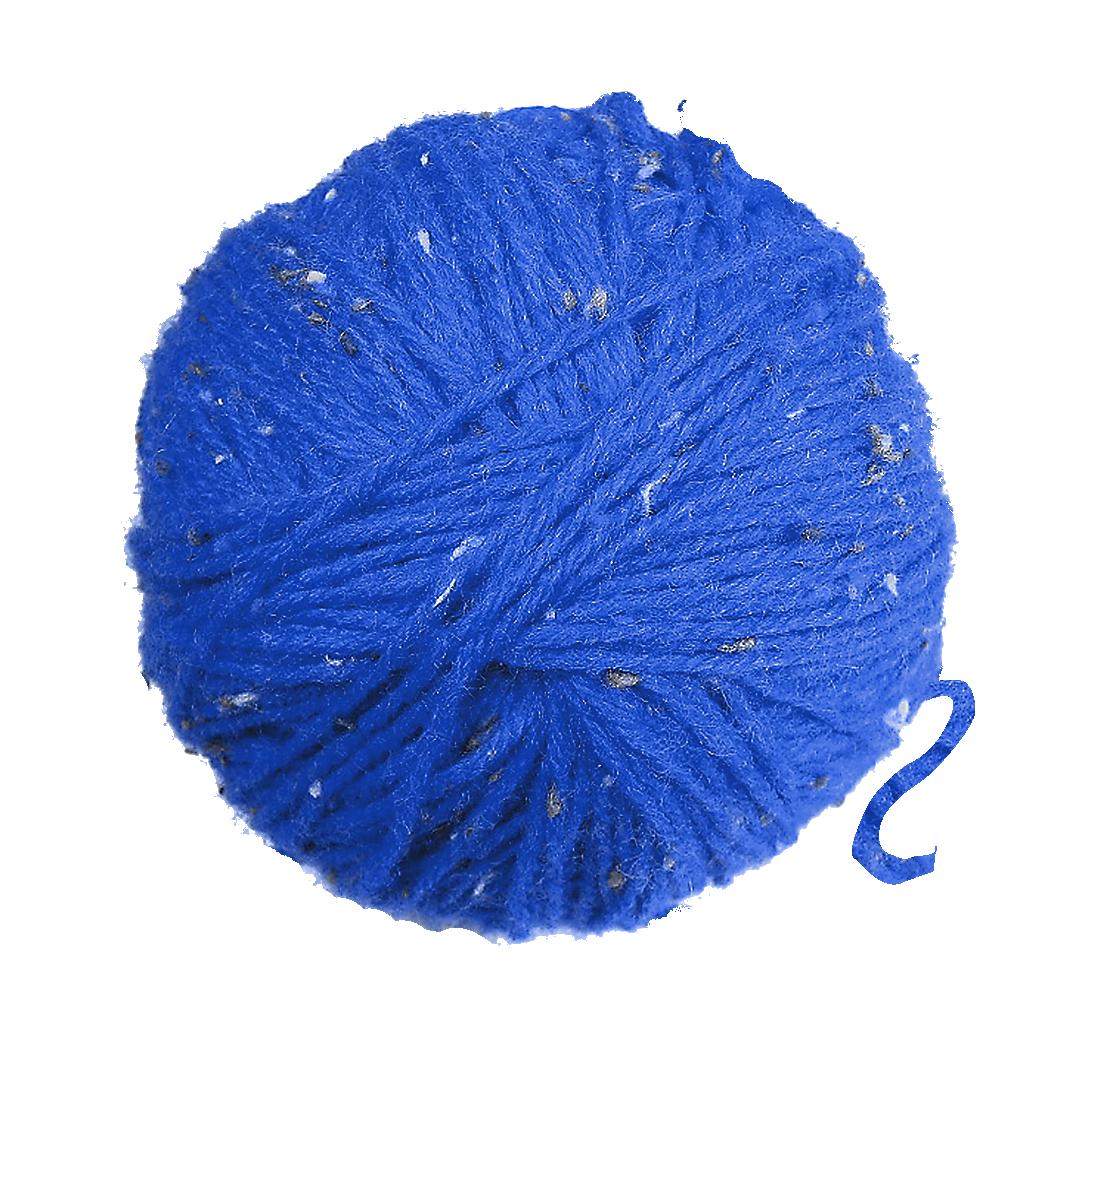 Yarnball free images at. Knitting clipart blue yarn